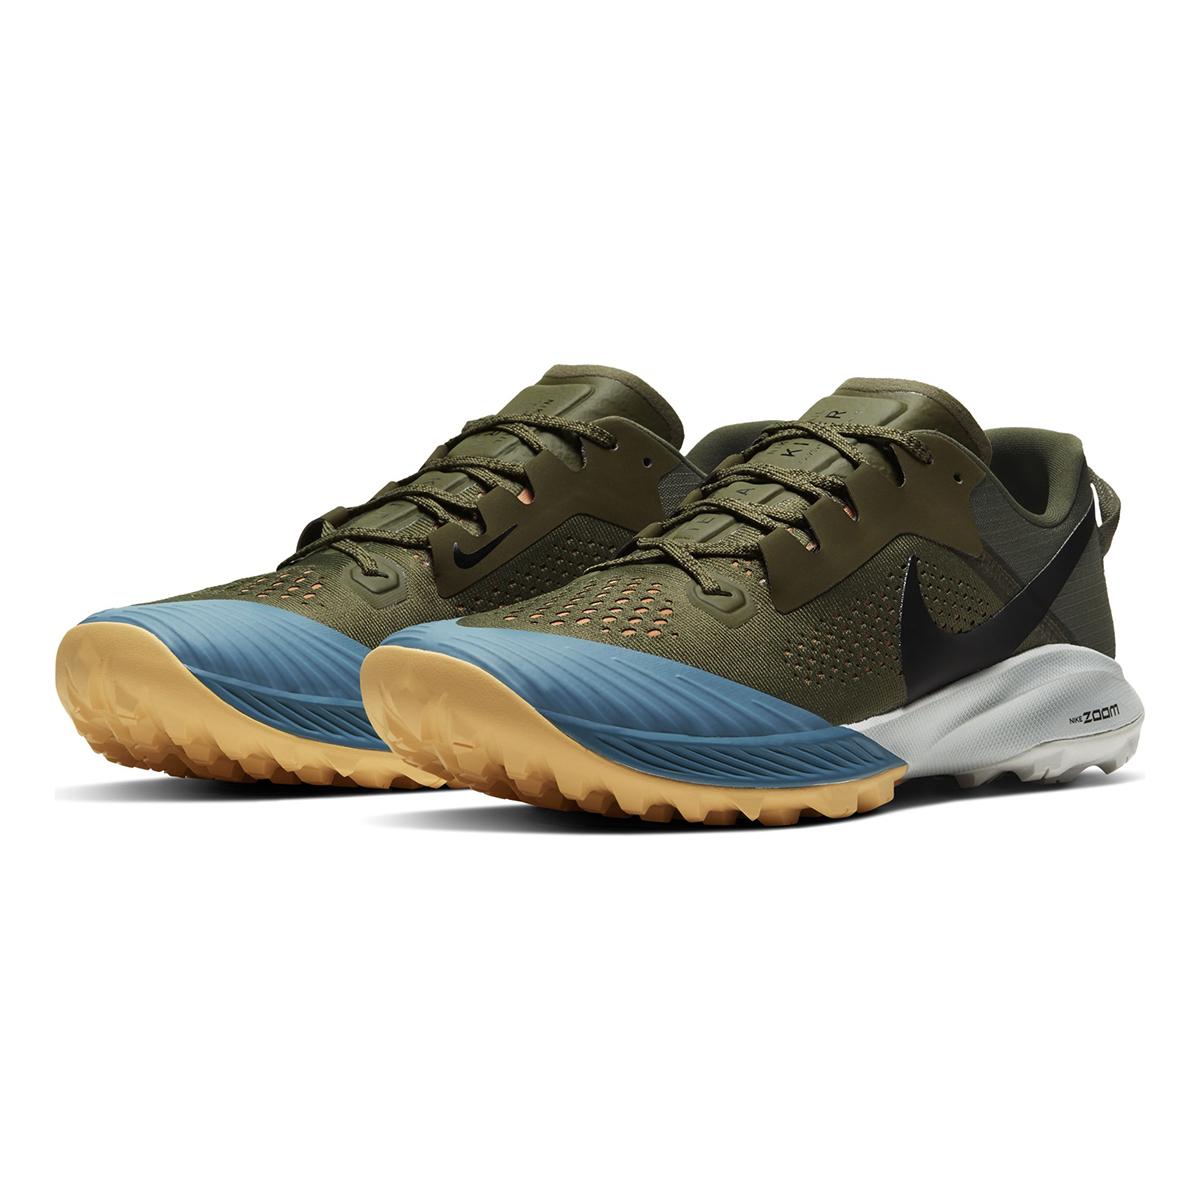 Men's Nike Air Zoom Terra Kiger 6 Trail Running Shoe - Color: Medium Olive/Orange Trance/Cerulean/Black (Regular Width) - Size: 6, Medium Olive/Orange Trance/Cerulean/Black, large, image 4